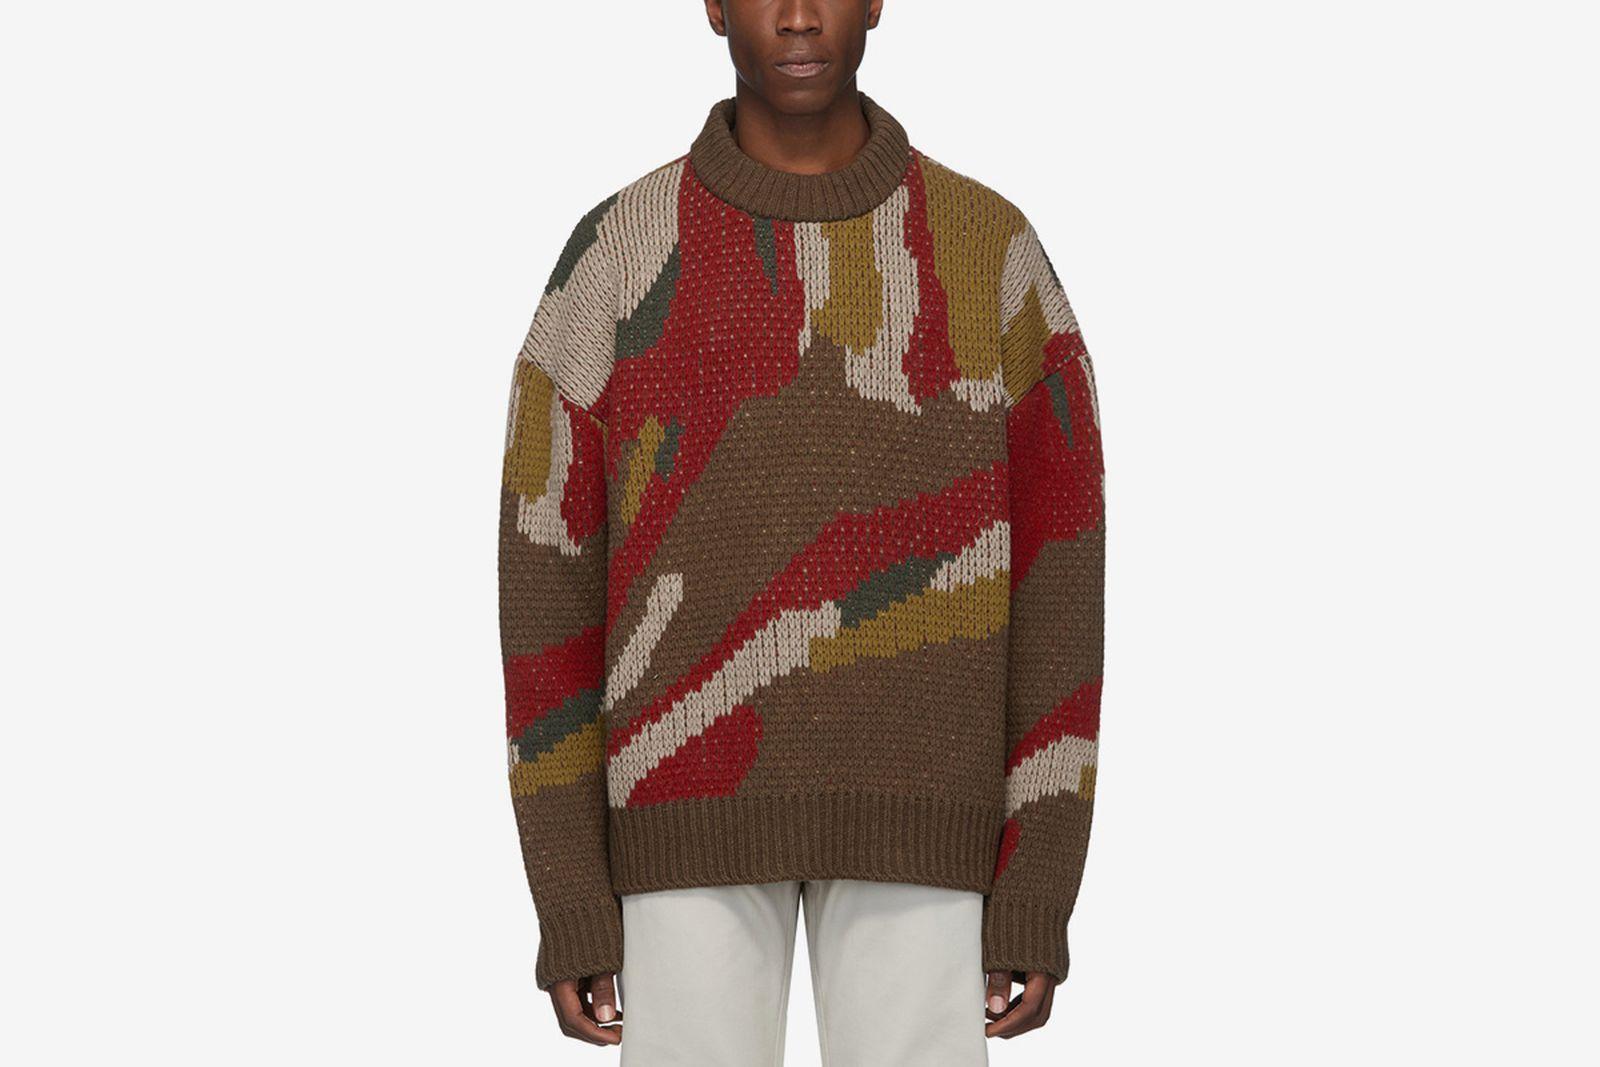 best knitwear main Acne Studios carhartt wip cos